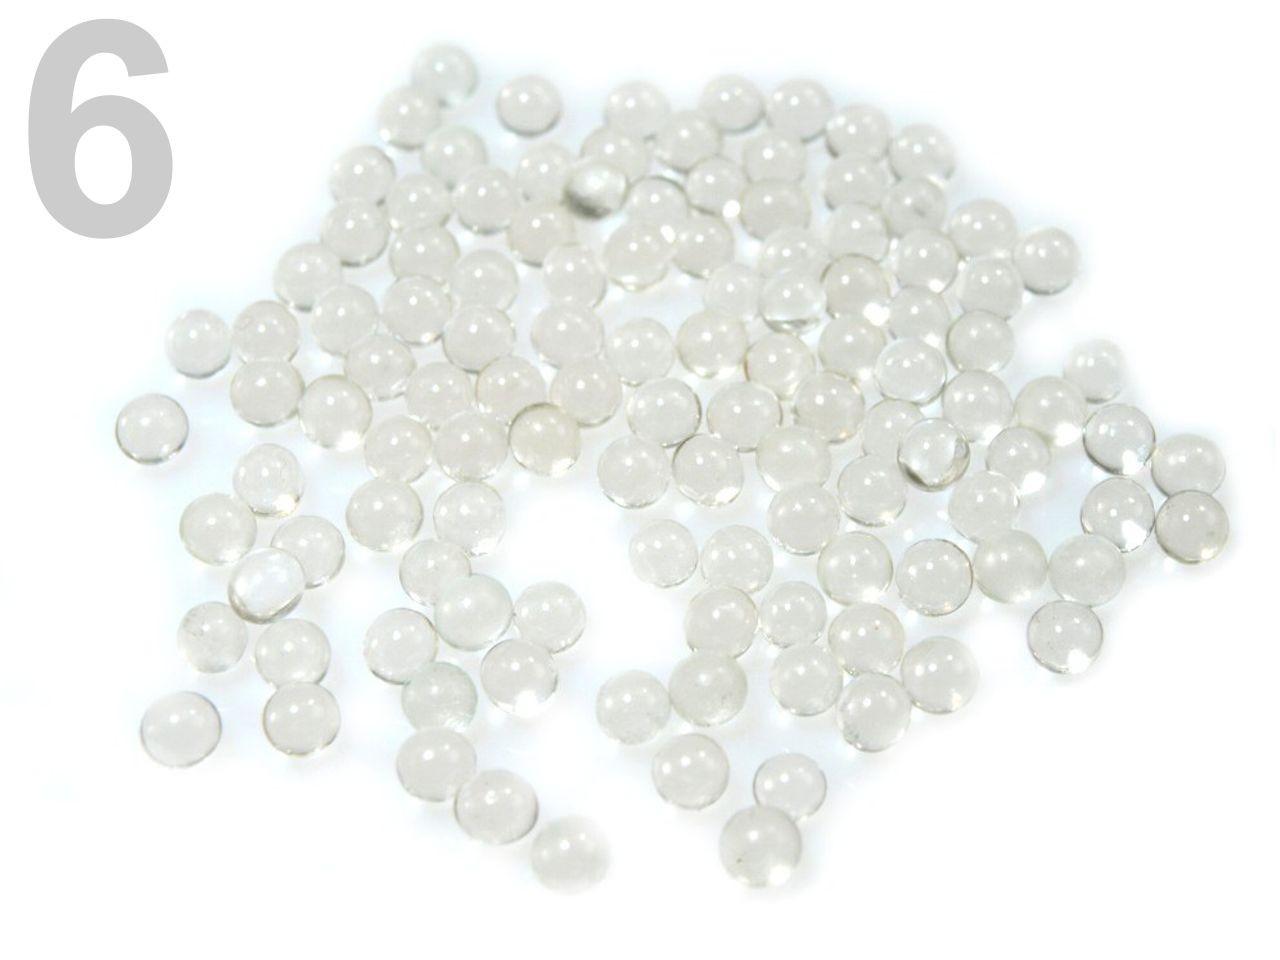 Vodní perly - gelové kuličky do vázy cca 4g CRYSTAL SOILS 1sáček - 24 Kč / sáček 6 transparent